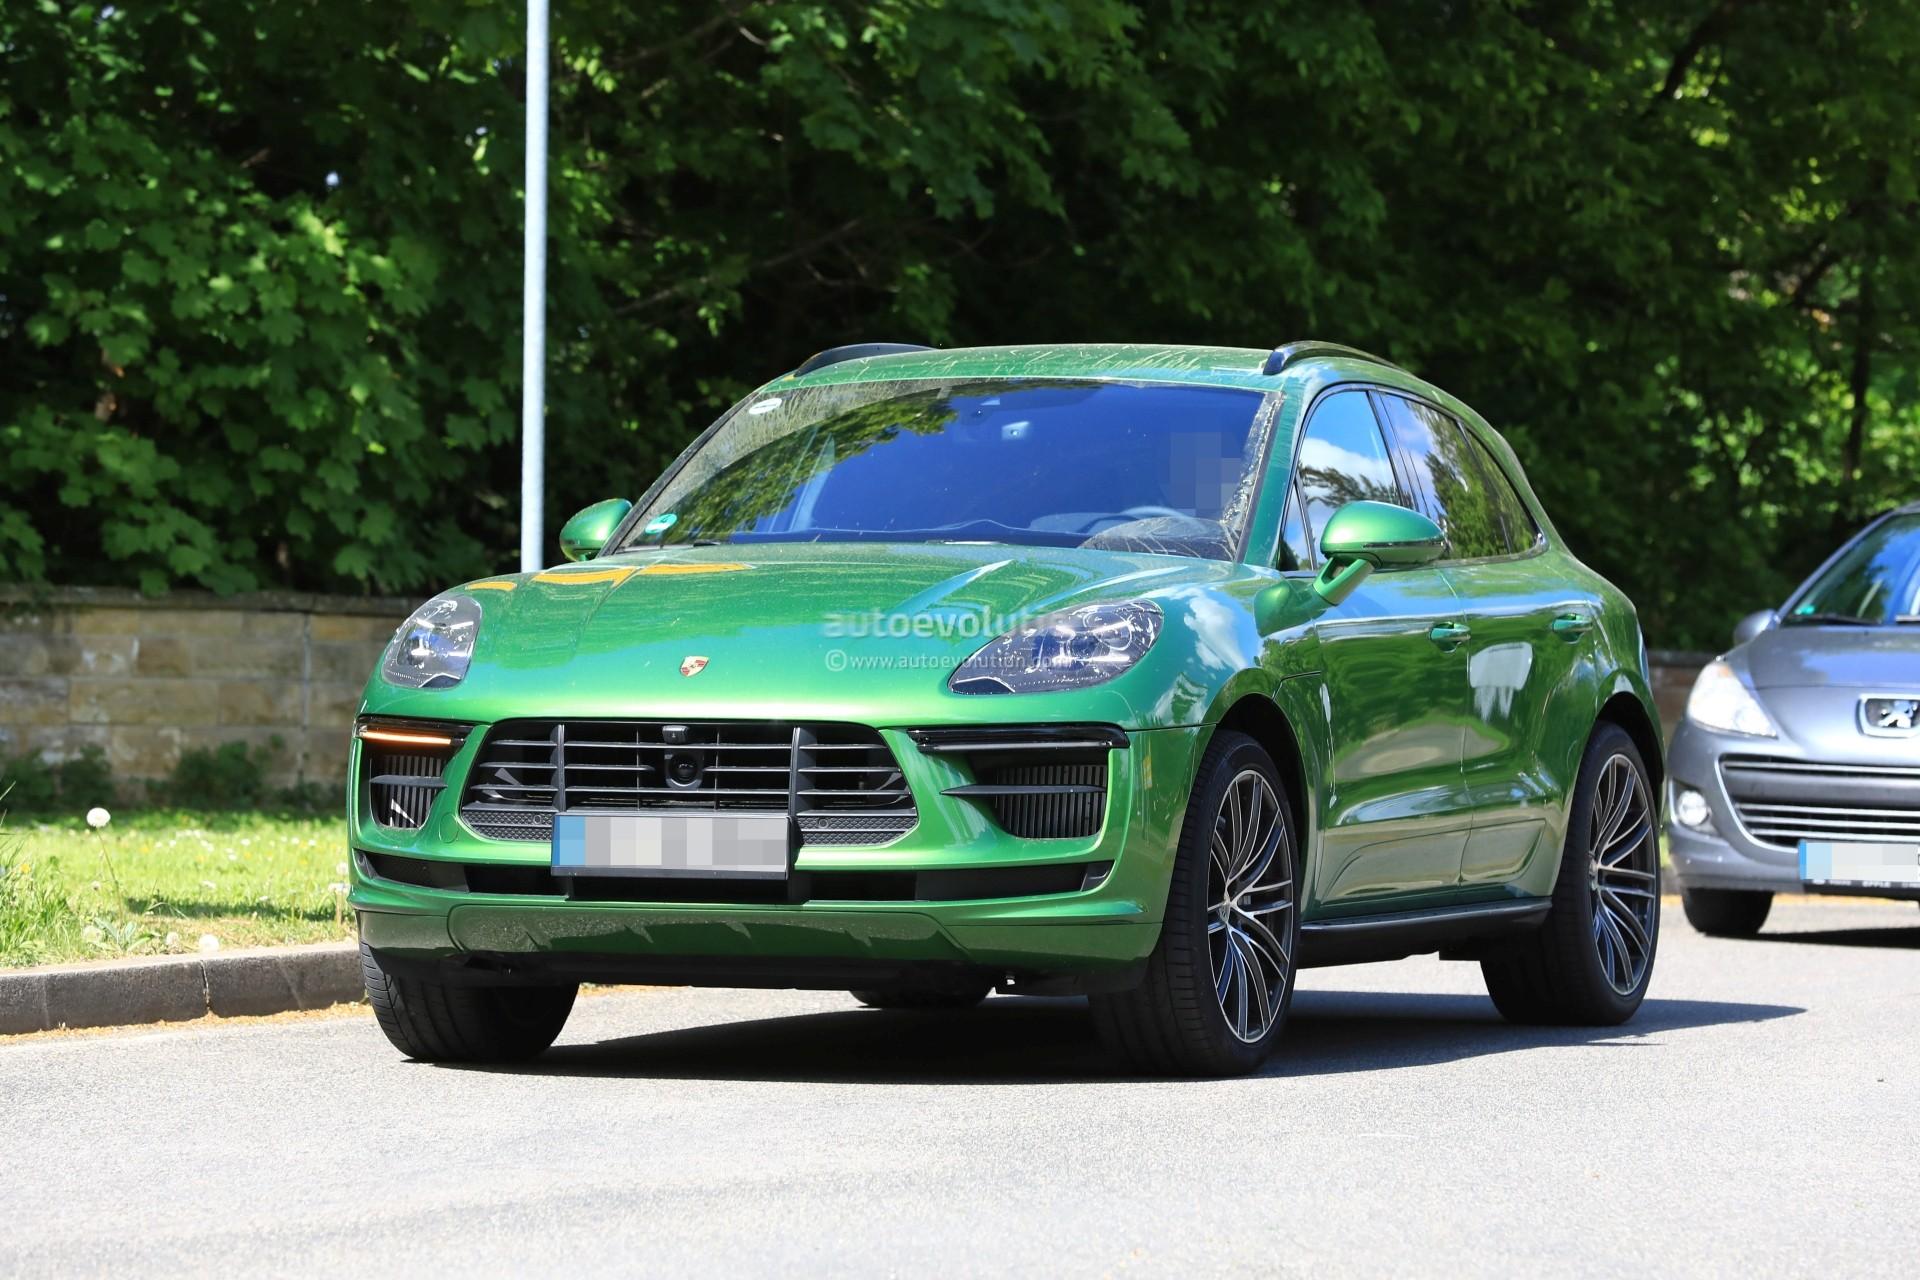 Spyshots 2019 Porsche Macan Facelift Prototype Reveals